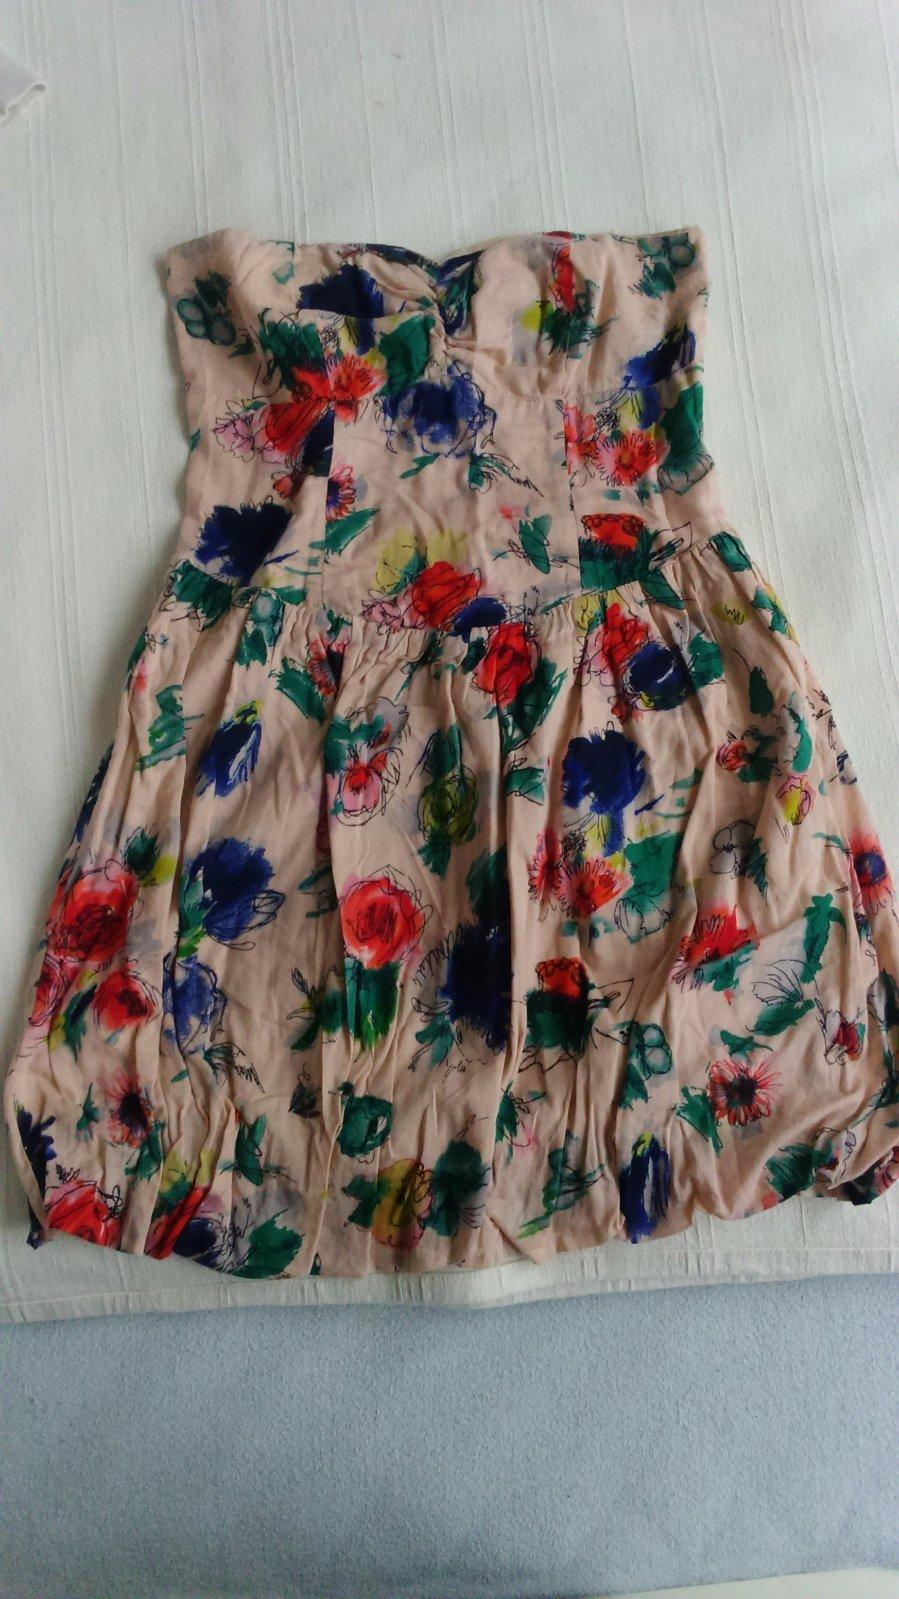 391b5eb22fce Predám letné šaty (zn. calliope)